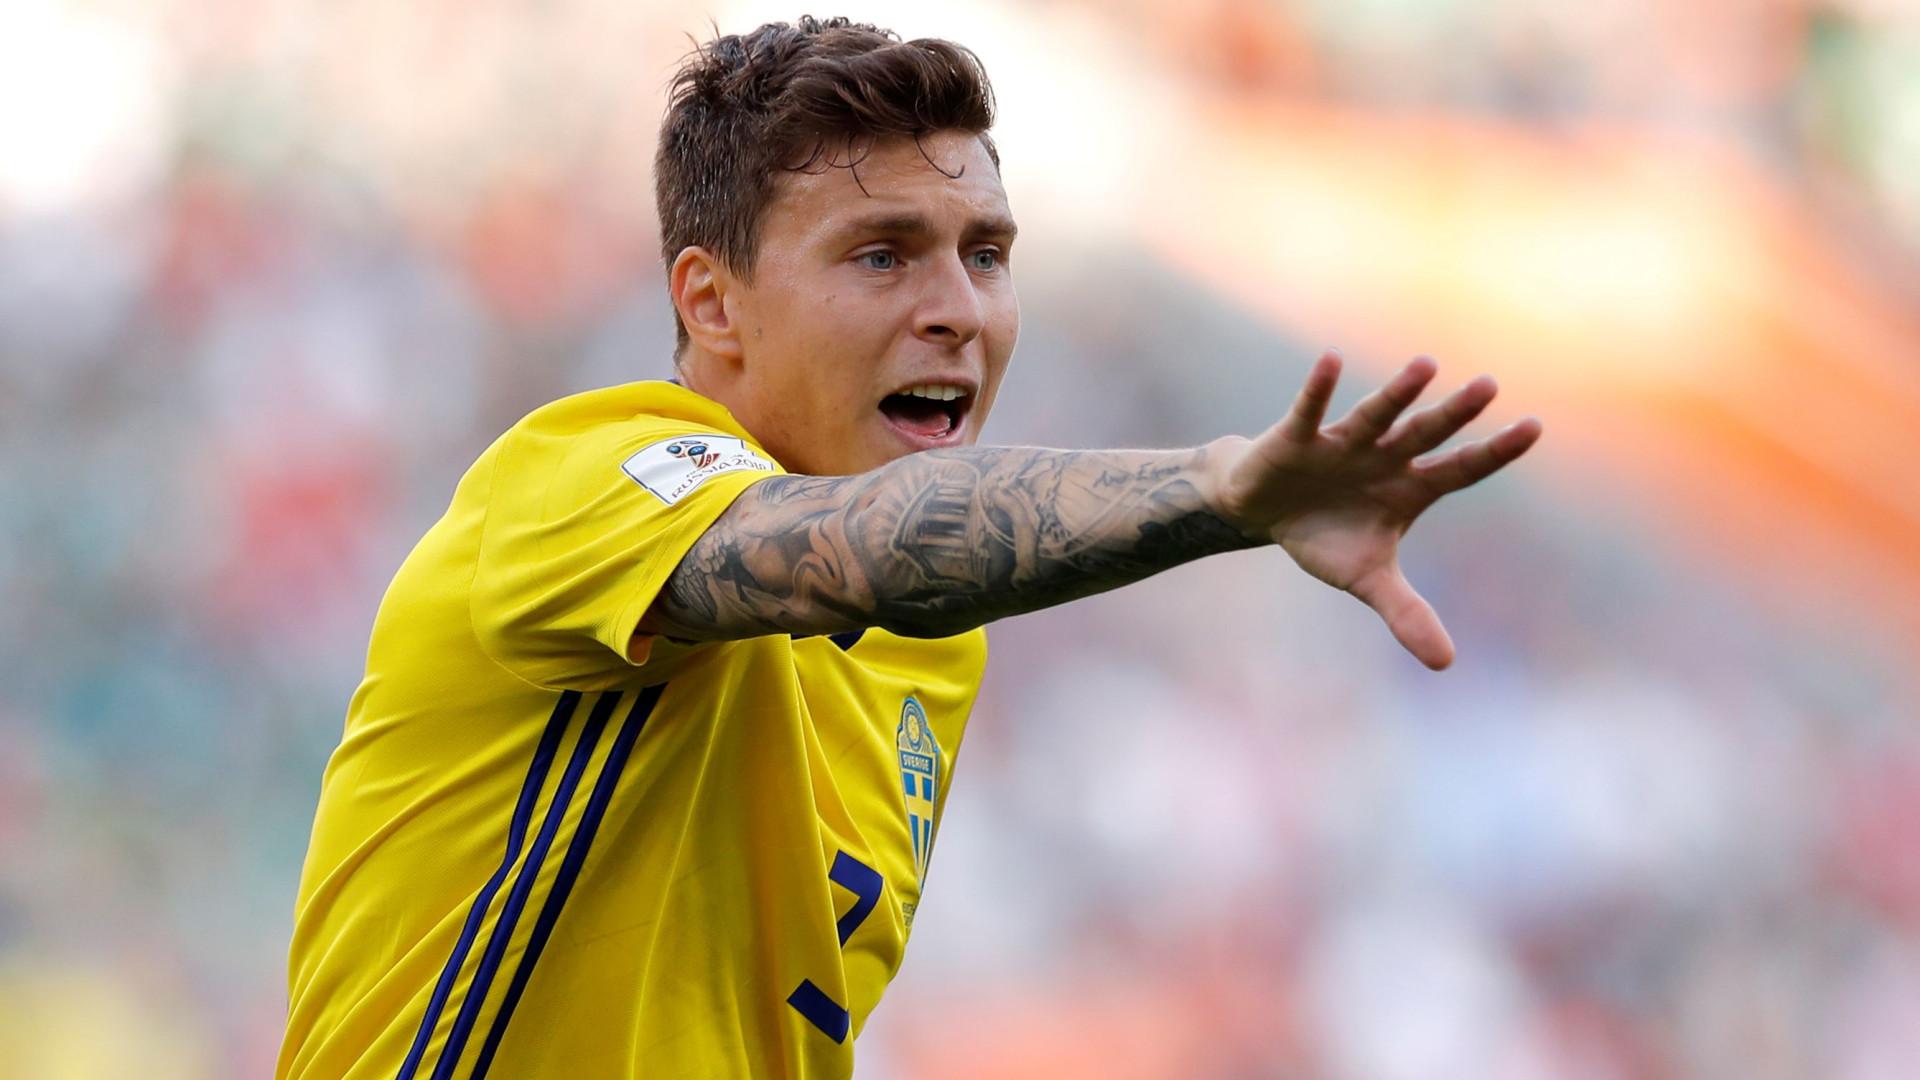 Jornal inglês revela que Benfica quer Lindelöf de volta